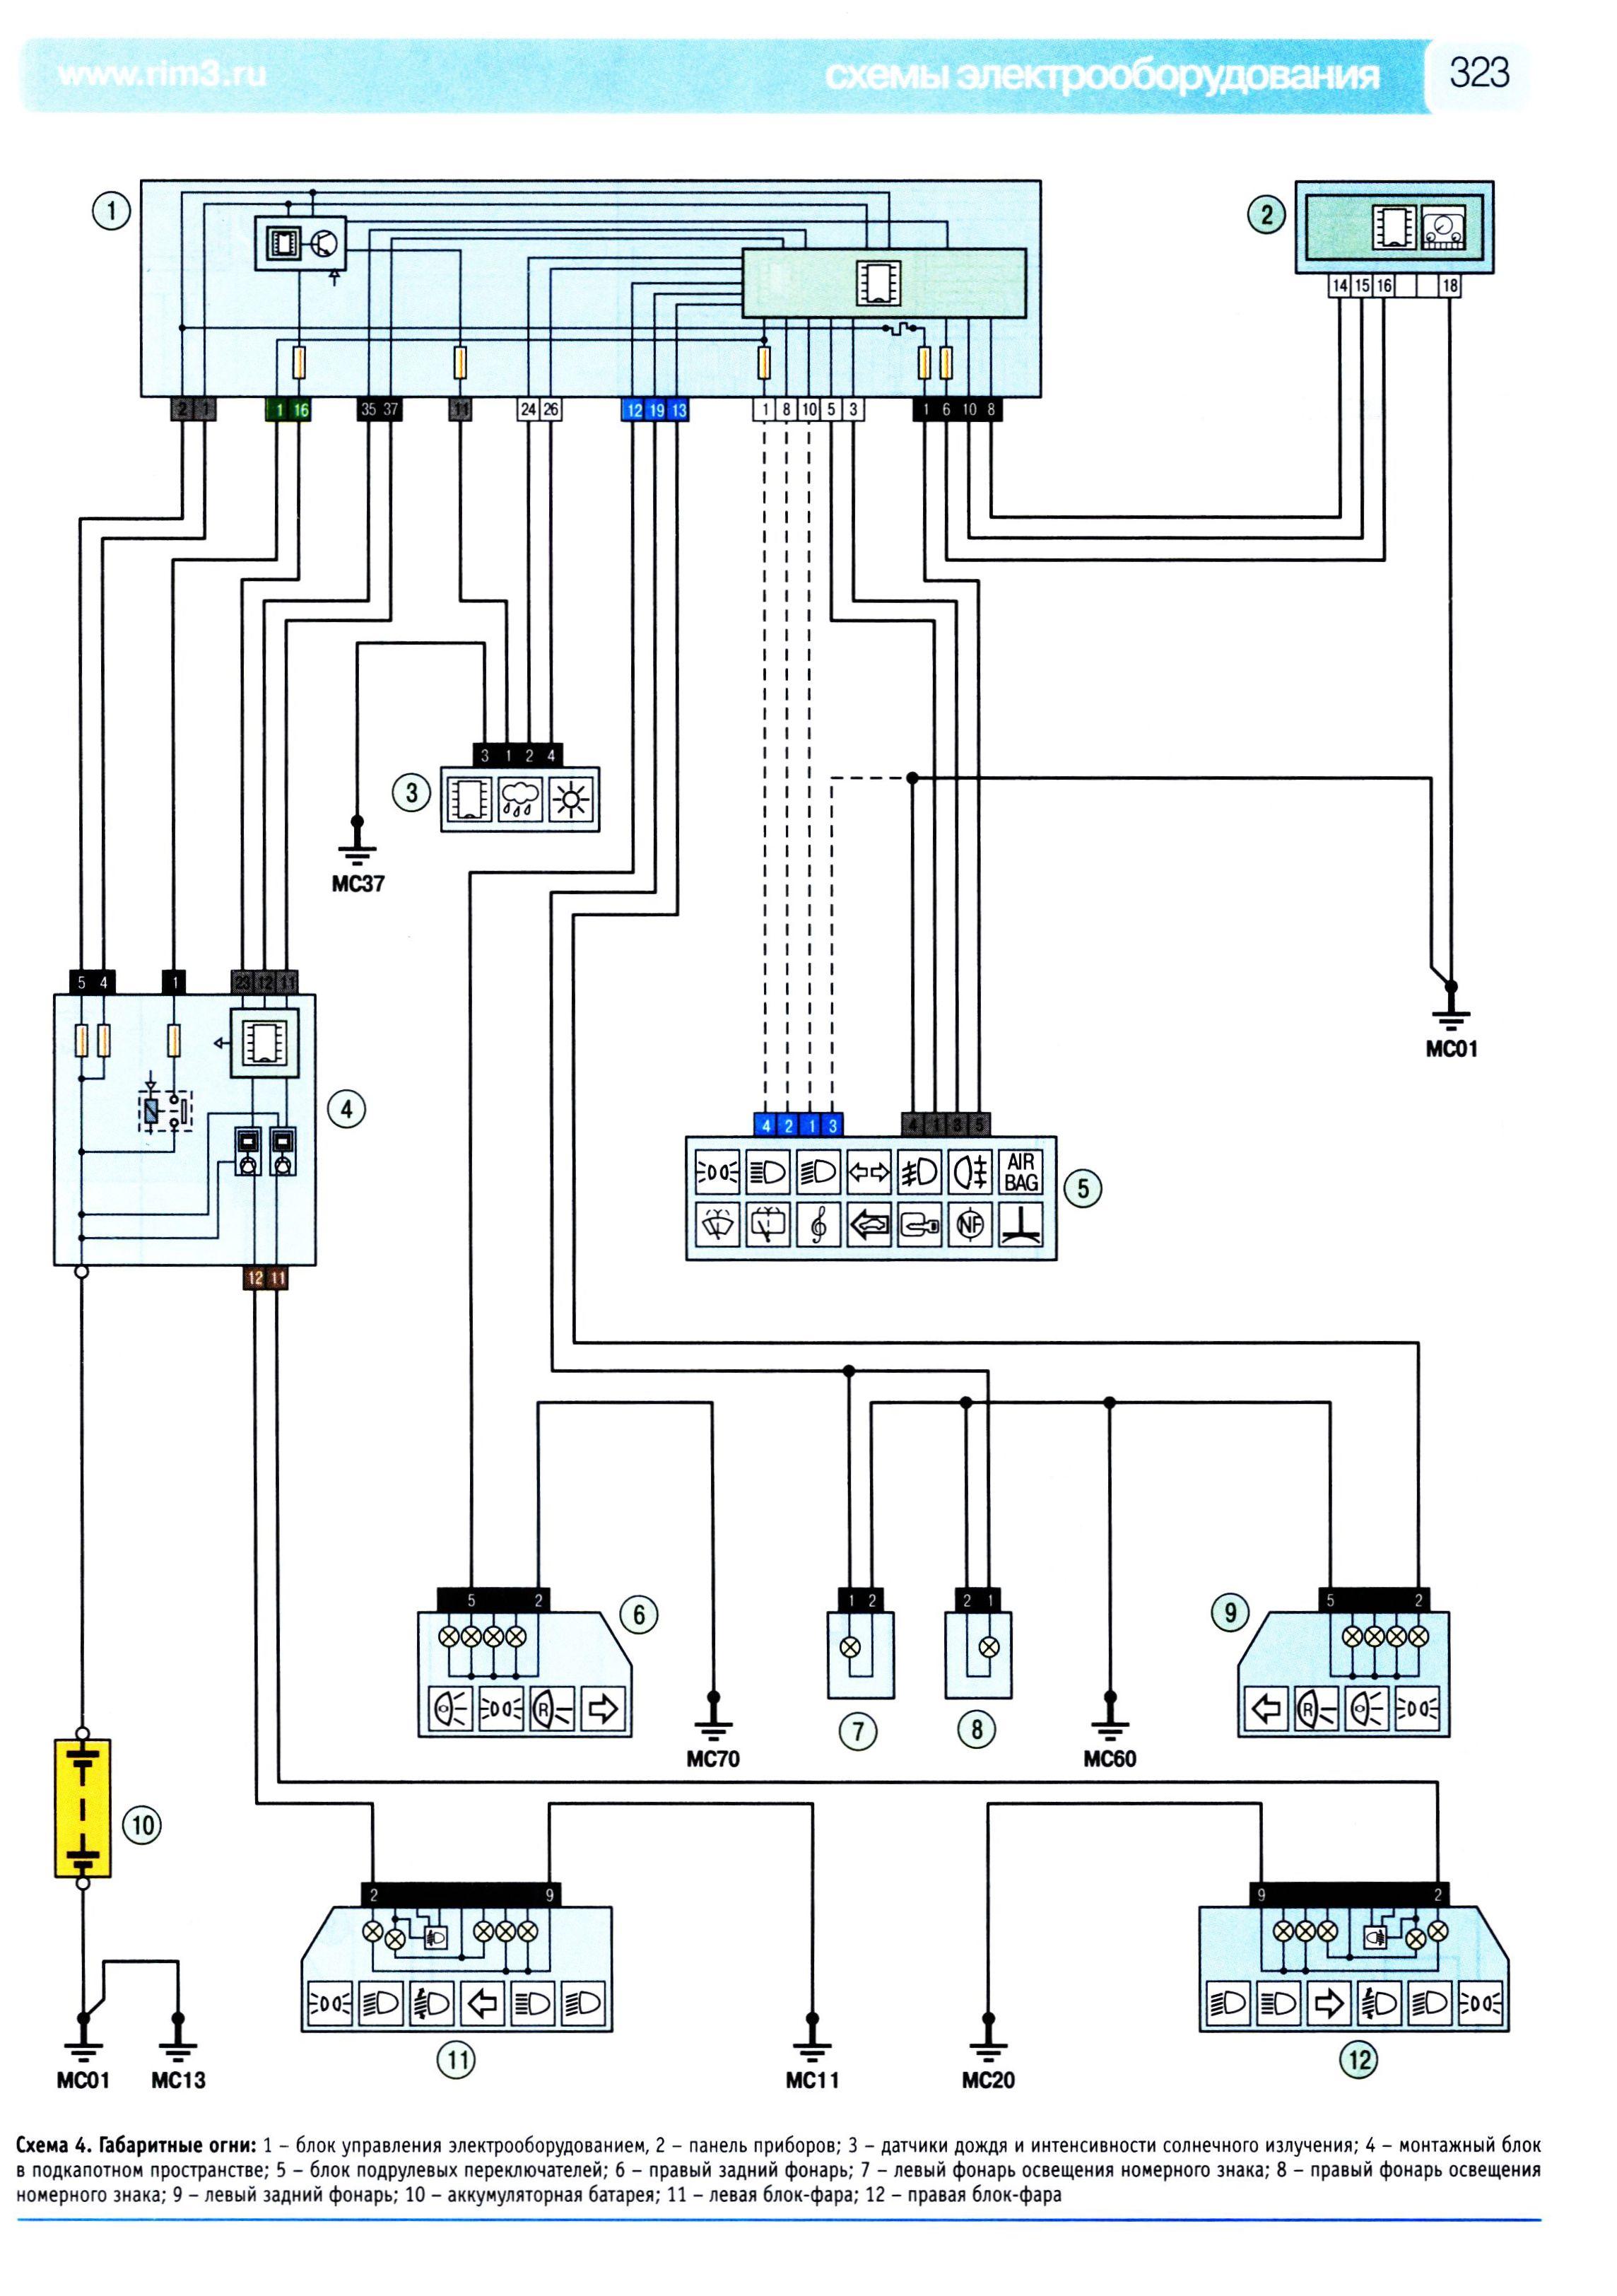 электрическая схема пежо 308